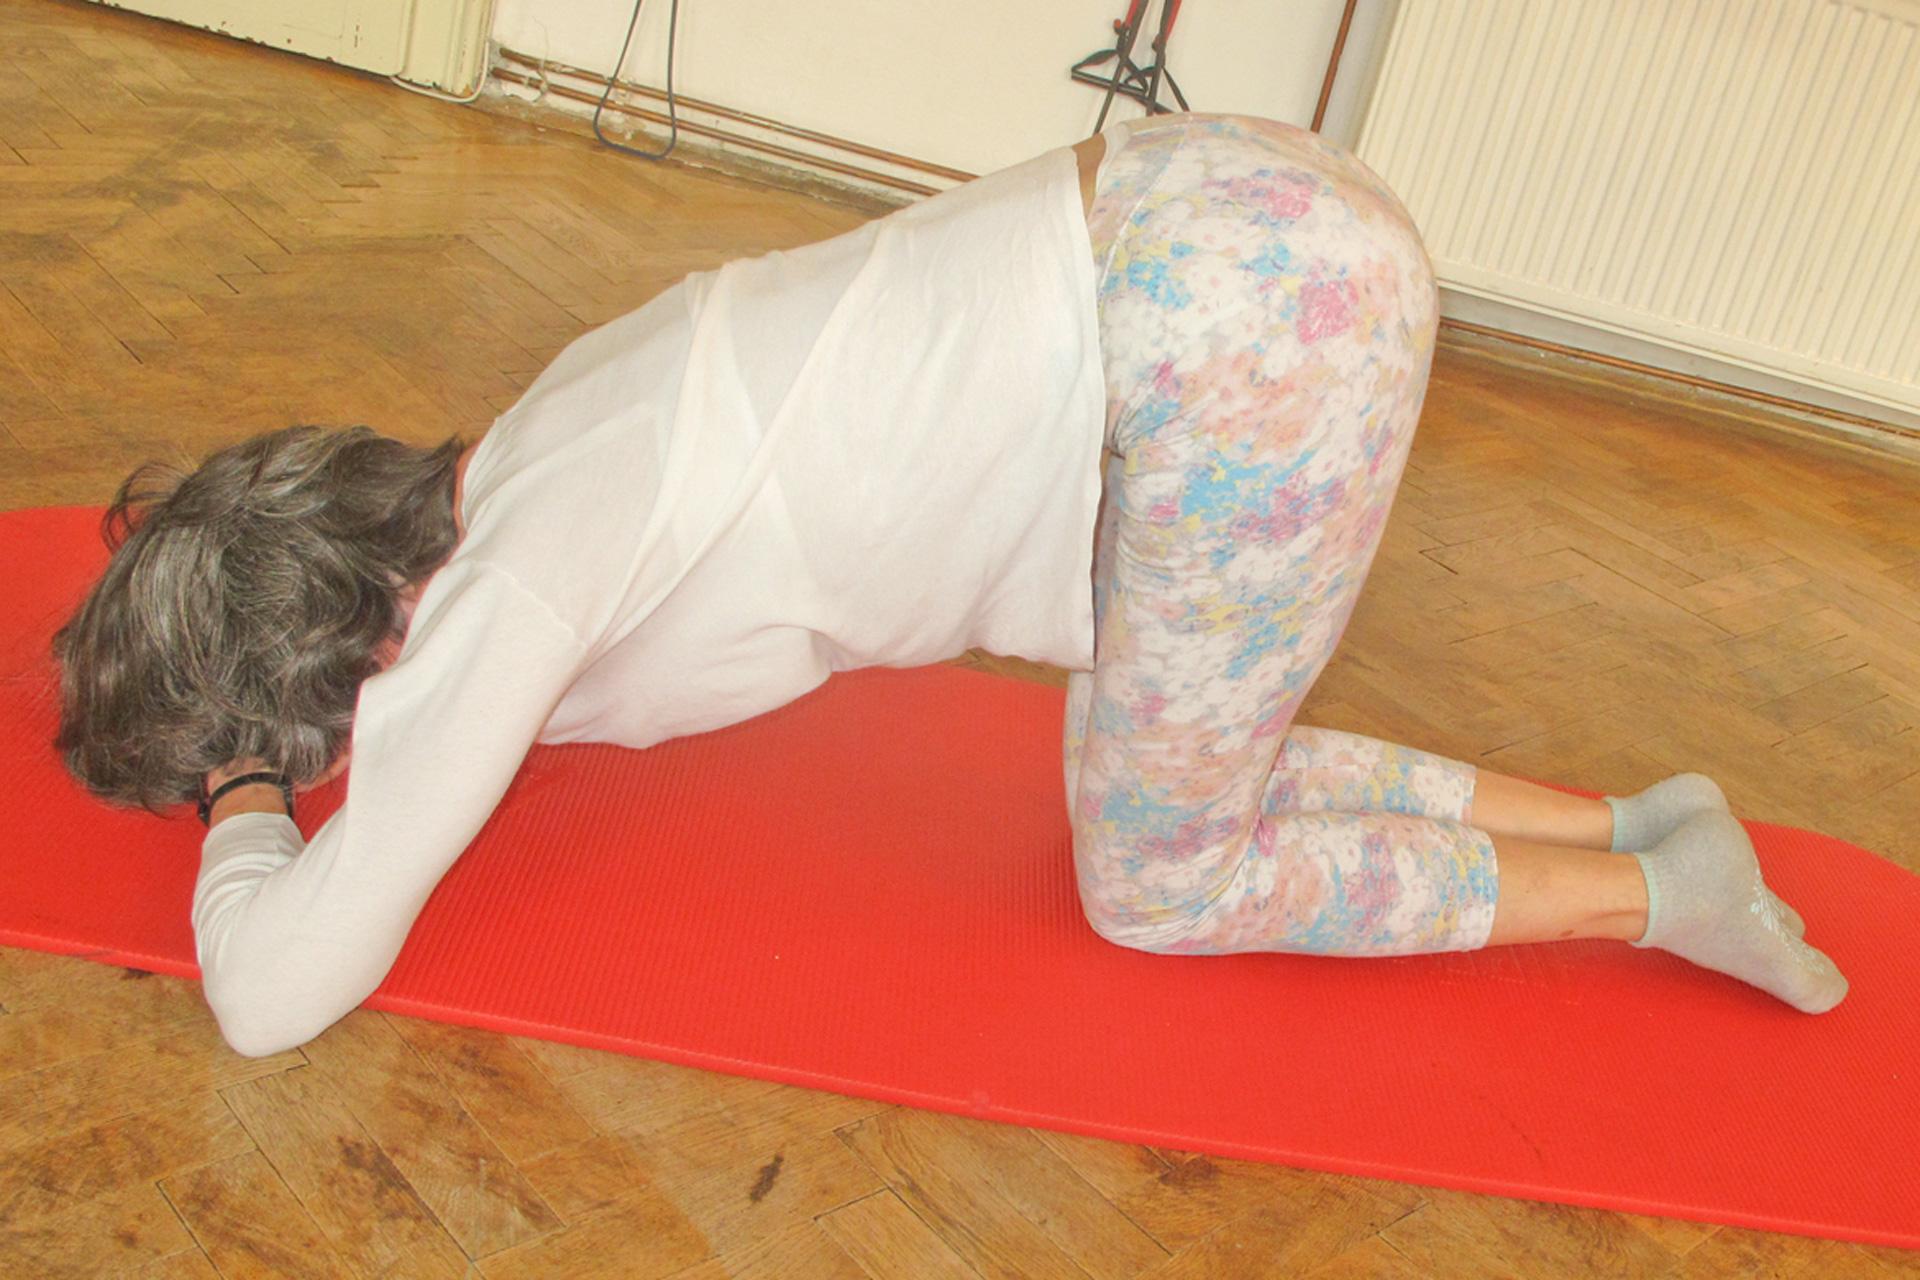 Eselkick therapeutische Übung Pilates-Trainings-Optimierung Rückenentspannung intrinsische Abs innere äußere Bauchmuskulatur Single Leg Kick Double Leg Kick Single Leg Stretch